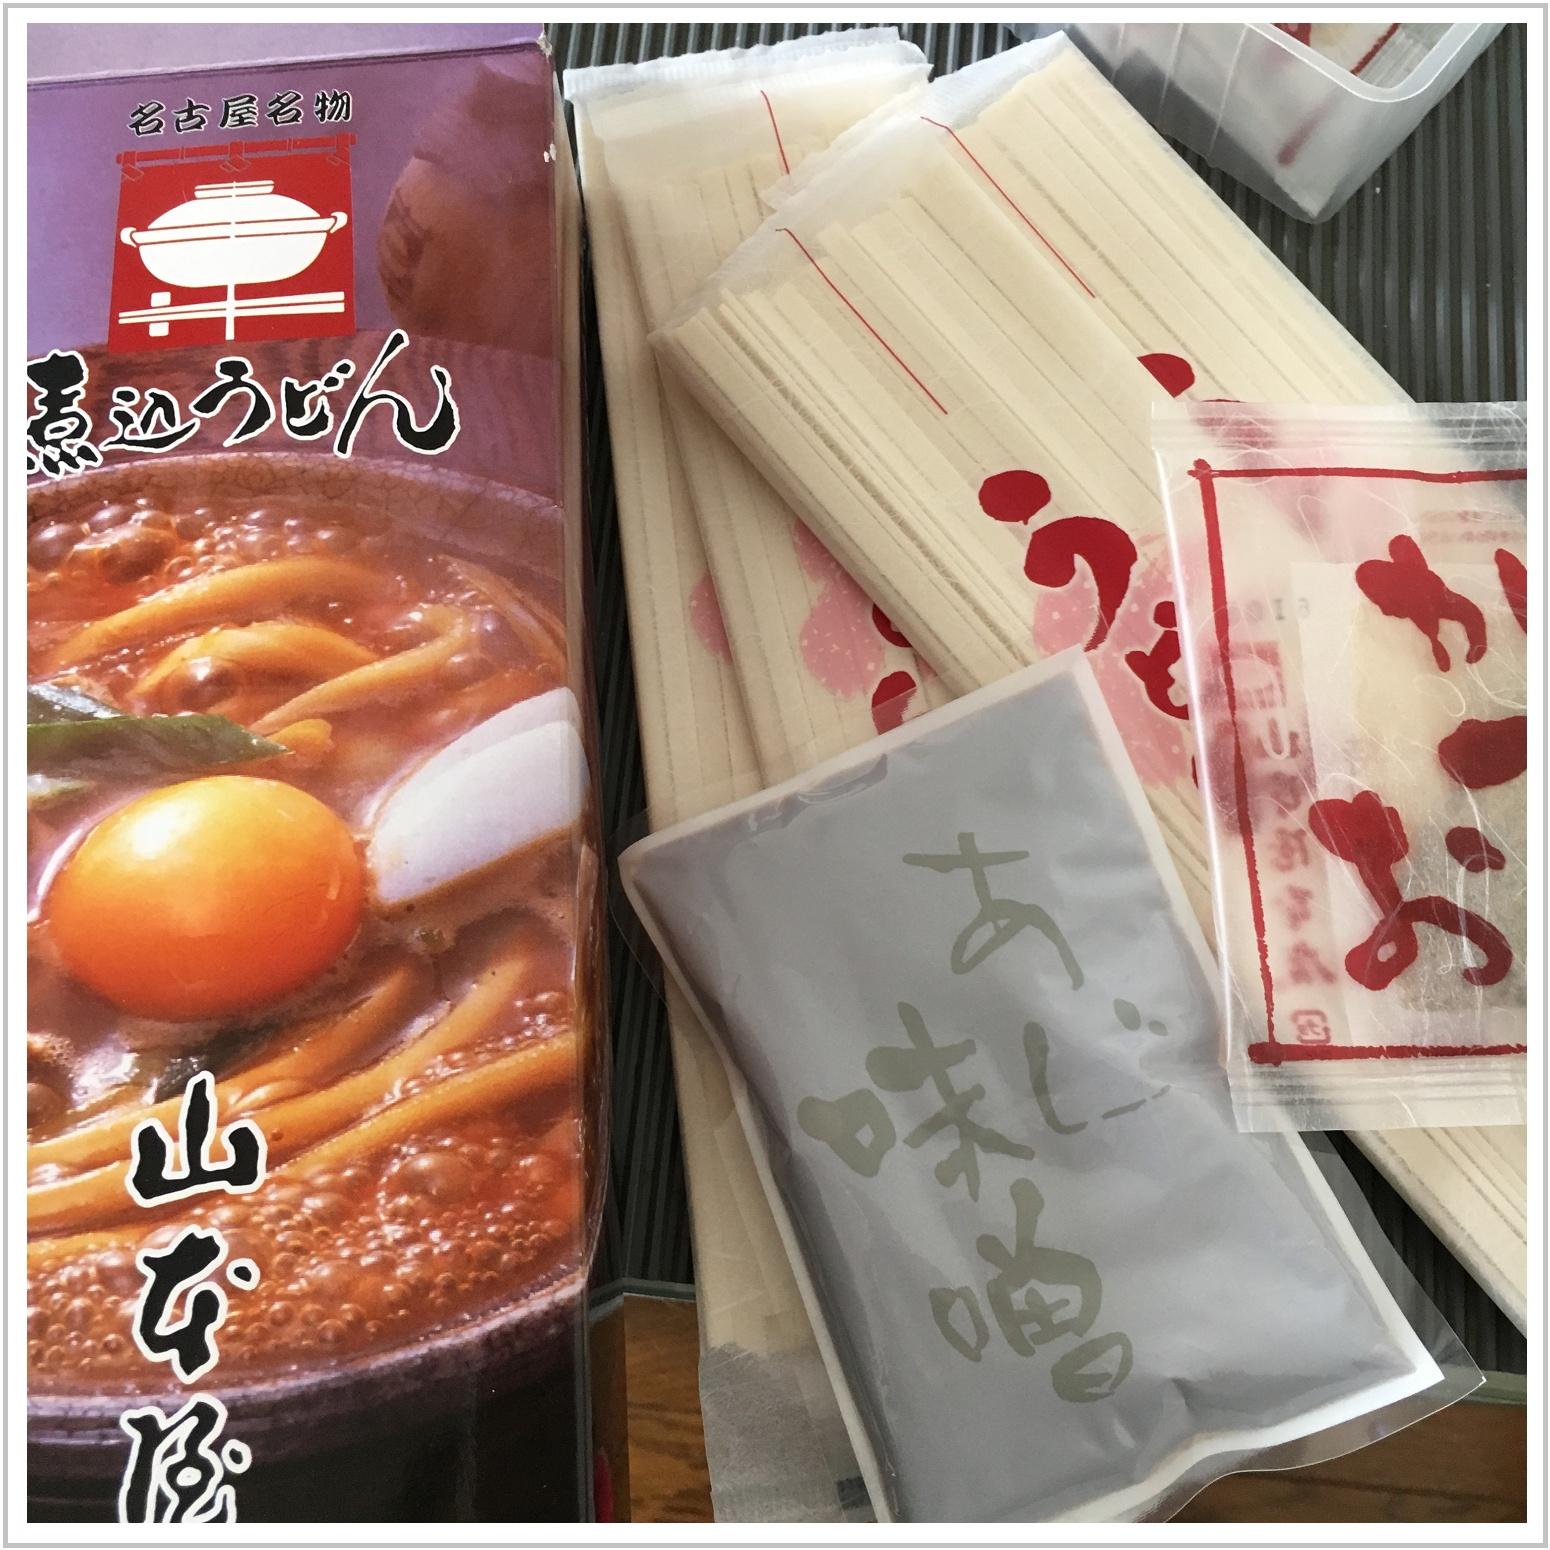 itadakimono_4_1029.jpg